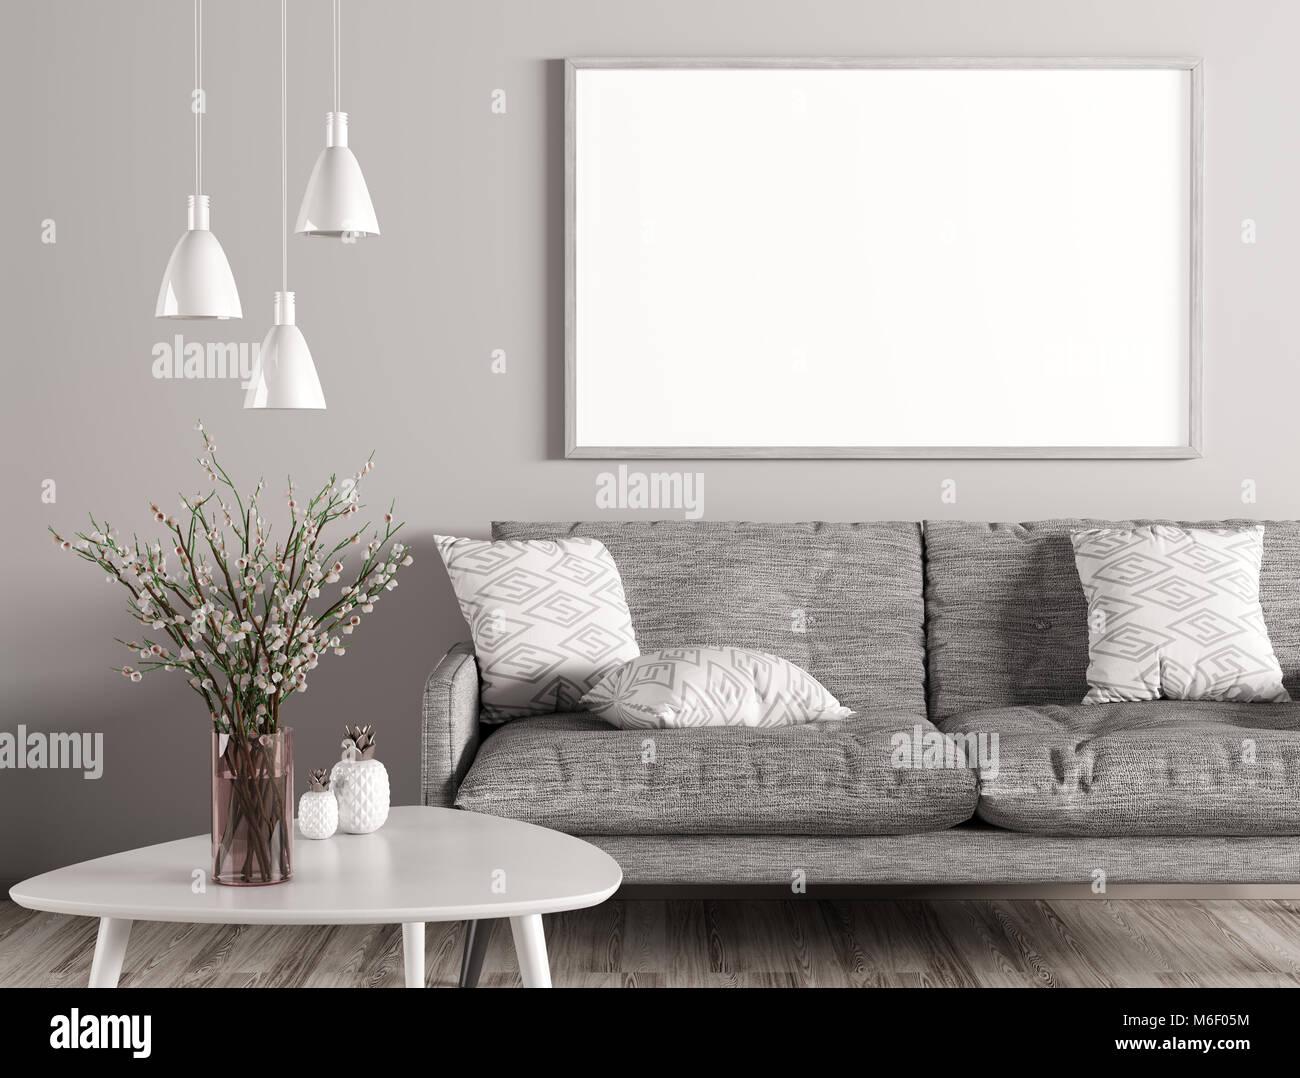 Moderne Einrichtung von Wohnzimmer mit Sofa grau, weiß ...